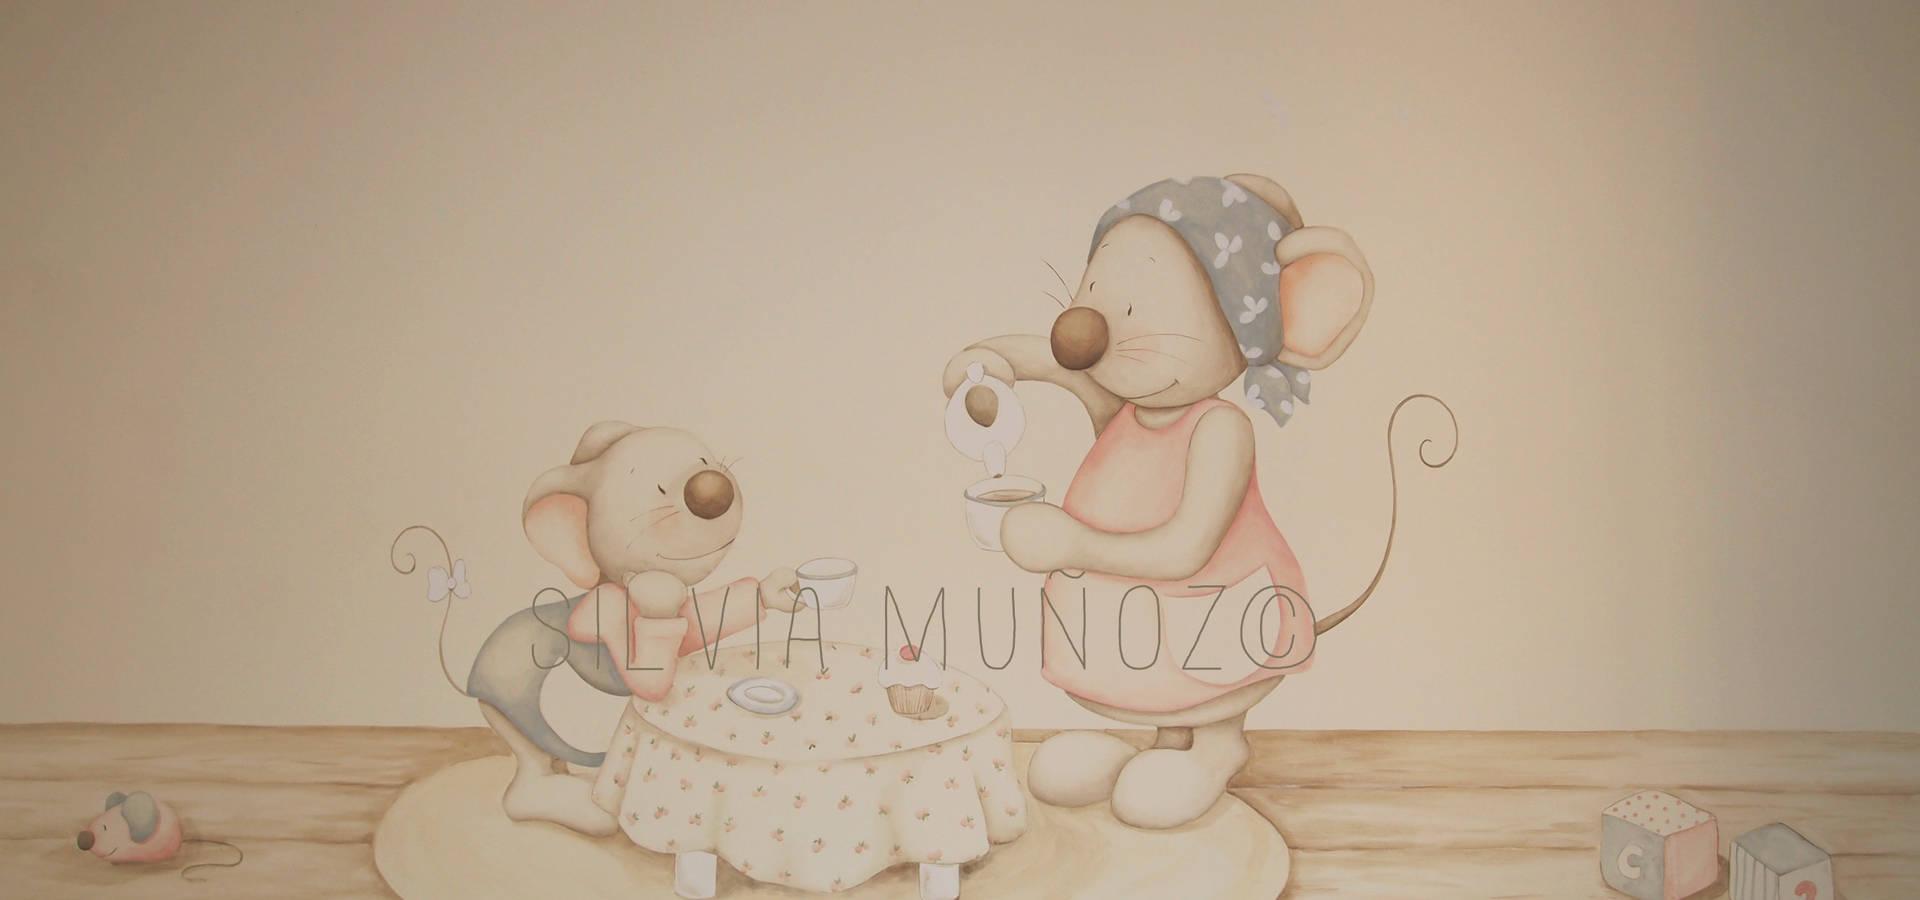 PIMBUS – Silvia Muñoz